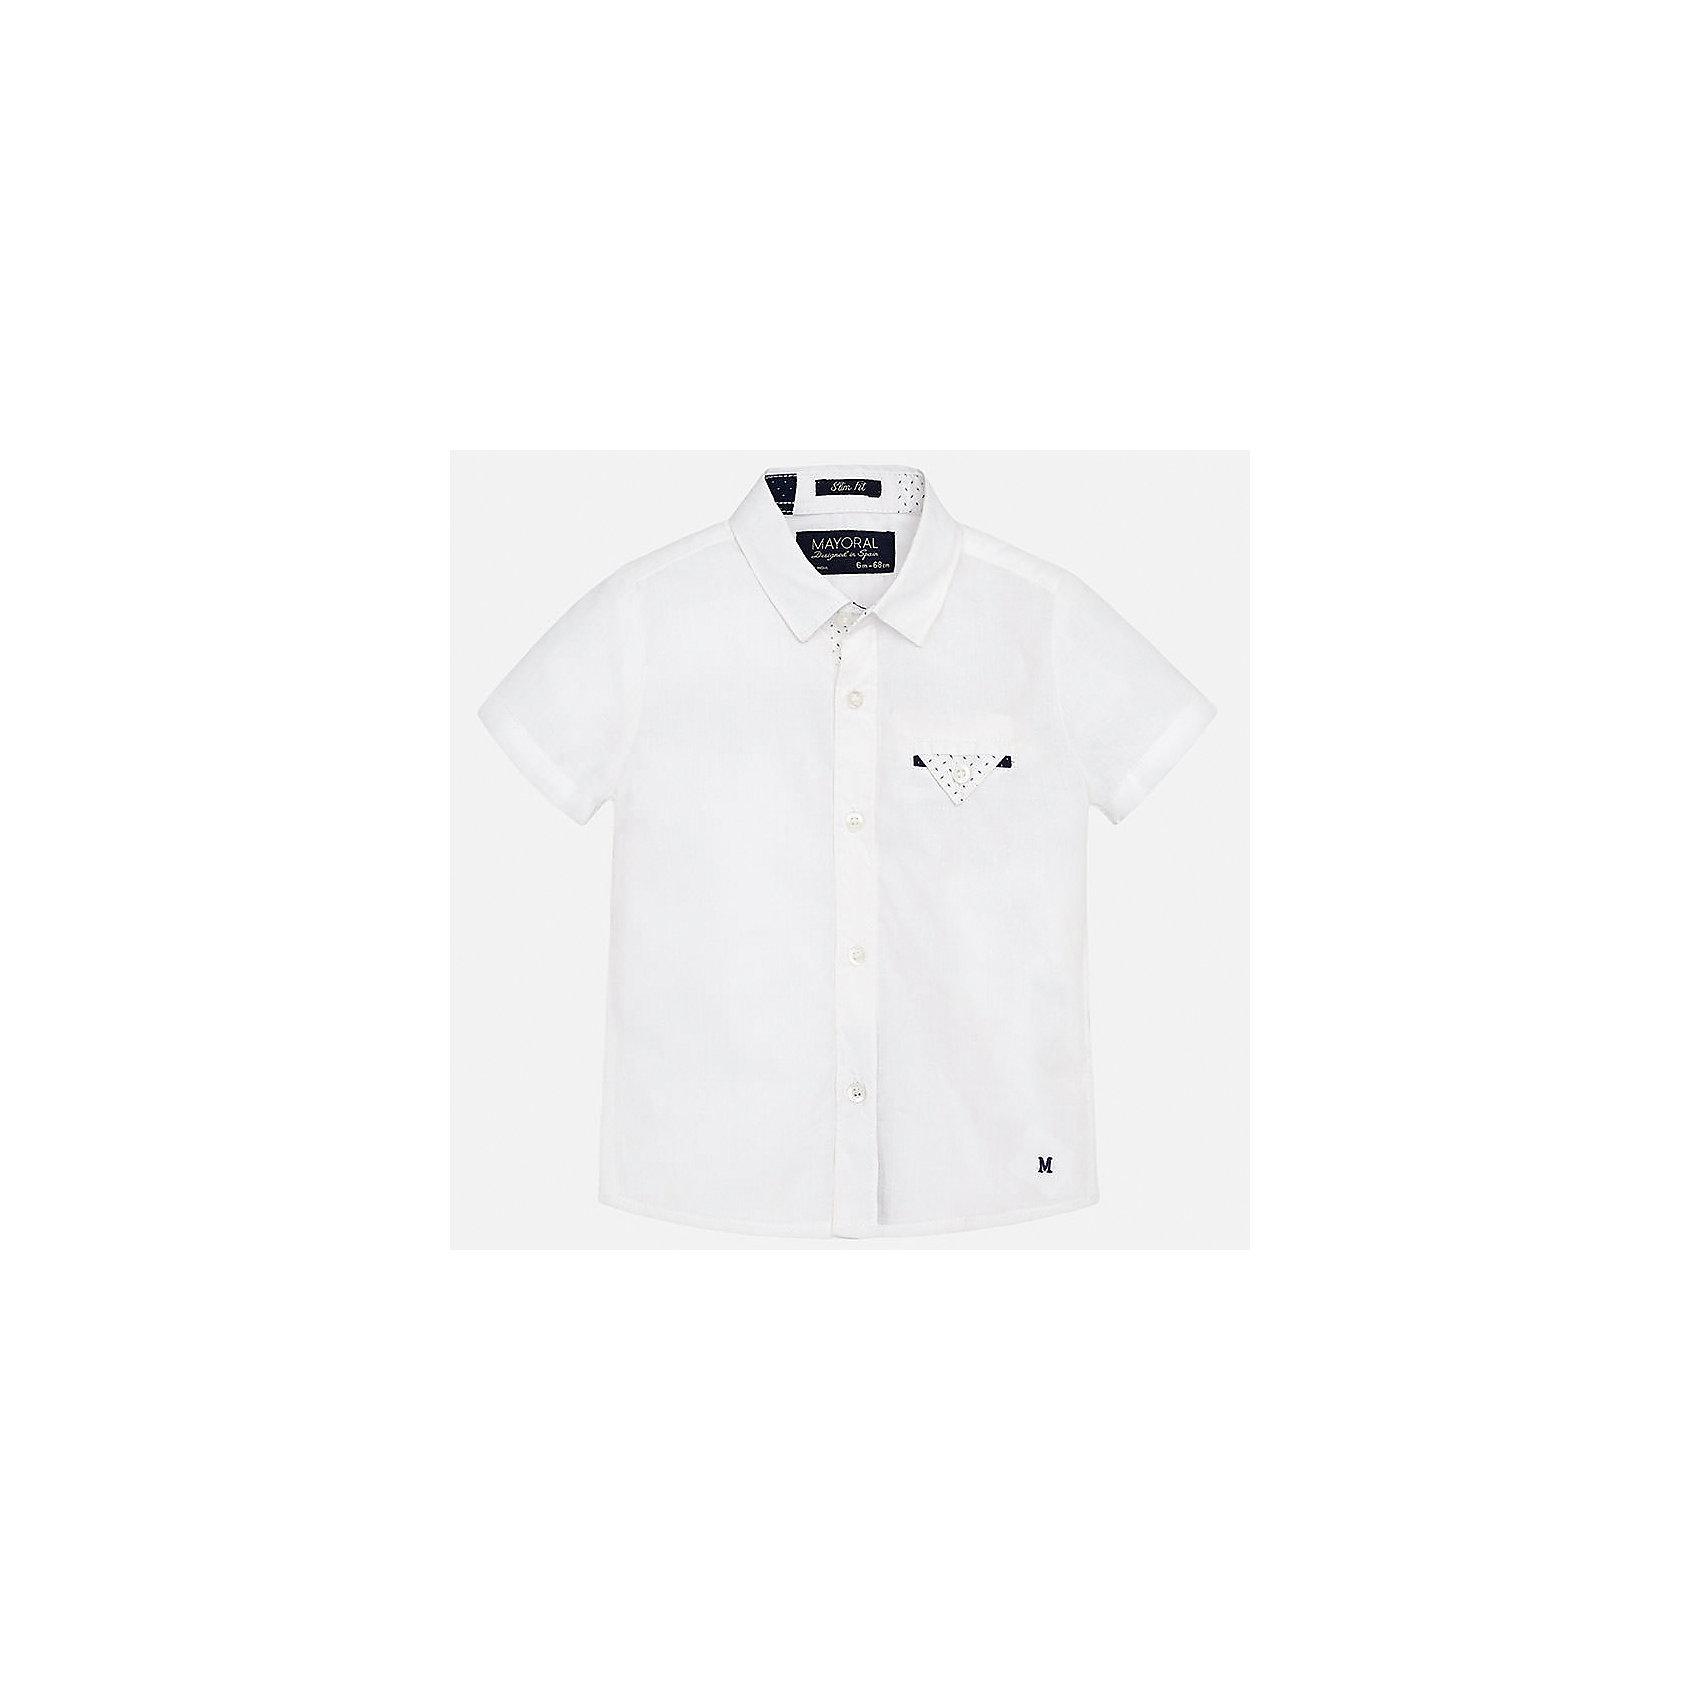 Рубашка для мальчика MayoralБлузки и рубашки<br>Характеристики товара:<br><br>• цвет: белый<br>• состав: 100% хлопок<br>• отложной воротник<br>• короткие рукава<br>• застежка: пуговицы<br>• карман на груди<br>• страна бренда: Испания<br><br>Красивая рубашка может отлично дополнить гардероб ребенка. Она хорошо сочетается с брюками, шортами, джинсами и т.д. Универсальный крой и цвет позволяет подобрать к вещи низ разных расцветок. Практичное и стильное изделие! В составе материала - только натуральный хлопок, гипоаллергенный, приятный на ощупь, дышащий.<br><br>Одежда, обувь и аксессуары от испанского бренда Mayoral полюбились детям и взрослым по всему миру. Модели этой марки - стильные и удобные. Для их производства используются только безопасные, качественные материалы и фурнитура. Порадуйте ребенка модными и красивыми вещами от Mayoral! <br><br>Рубашку для мальчика от испанского бренда Mayoral (Майорал) можно купить в нашем интернет-магазине.<br><br>Ширина мм: 174<br>Глубина мм: 10<br>Высота мм: 169<br>Вес г: 157<br>Цвет: белый<br>Возраст от месяцев: 12<br>Возраст до месяцев: 18<br>Пол: Мужской<br>Возраст: Детский<br>Размер: 86,80,92<br>SKU: 5279464